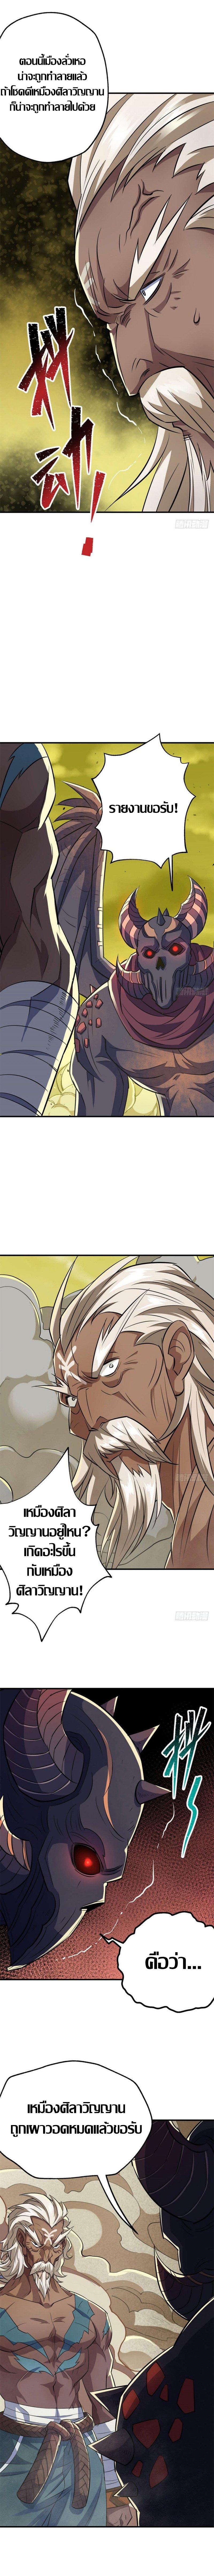 Cartoon-th-com-The-Hunter-004